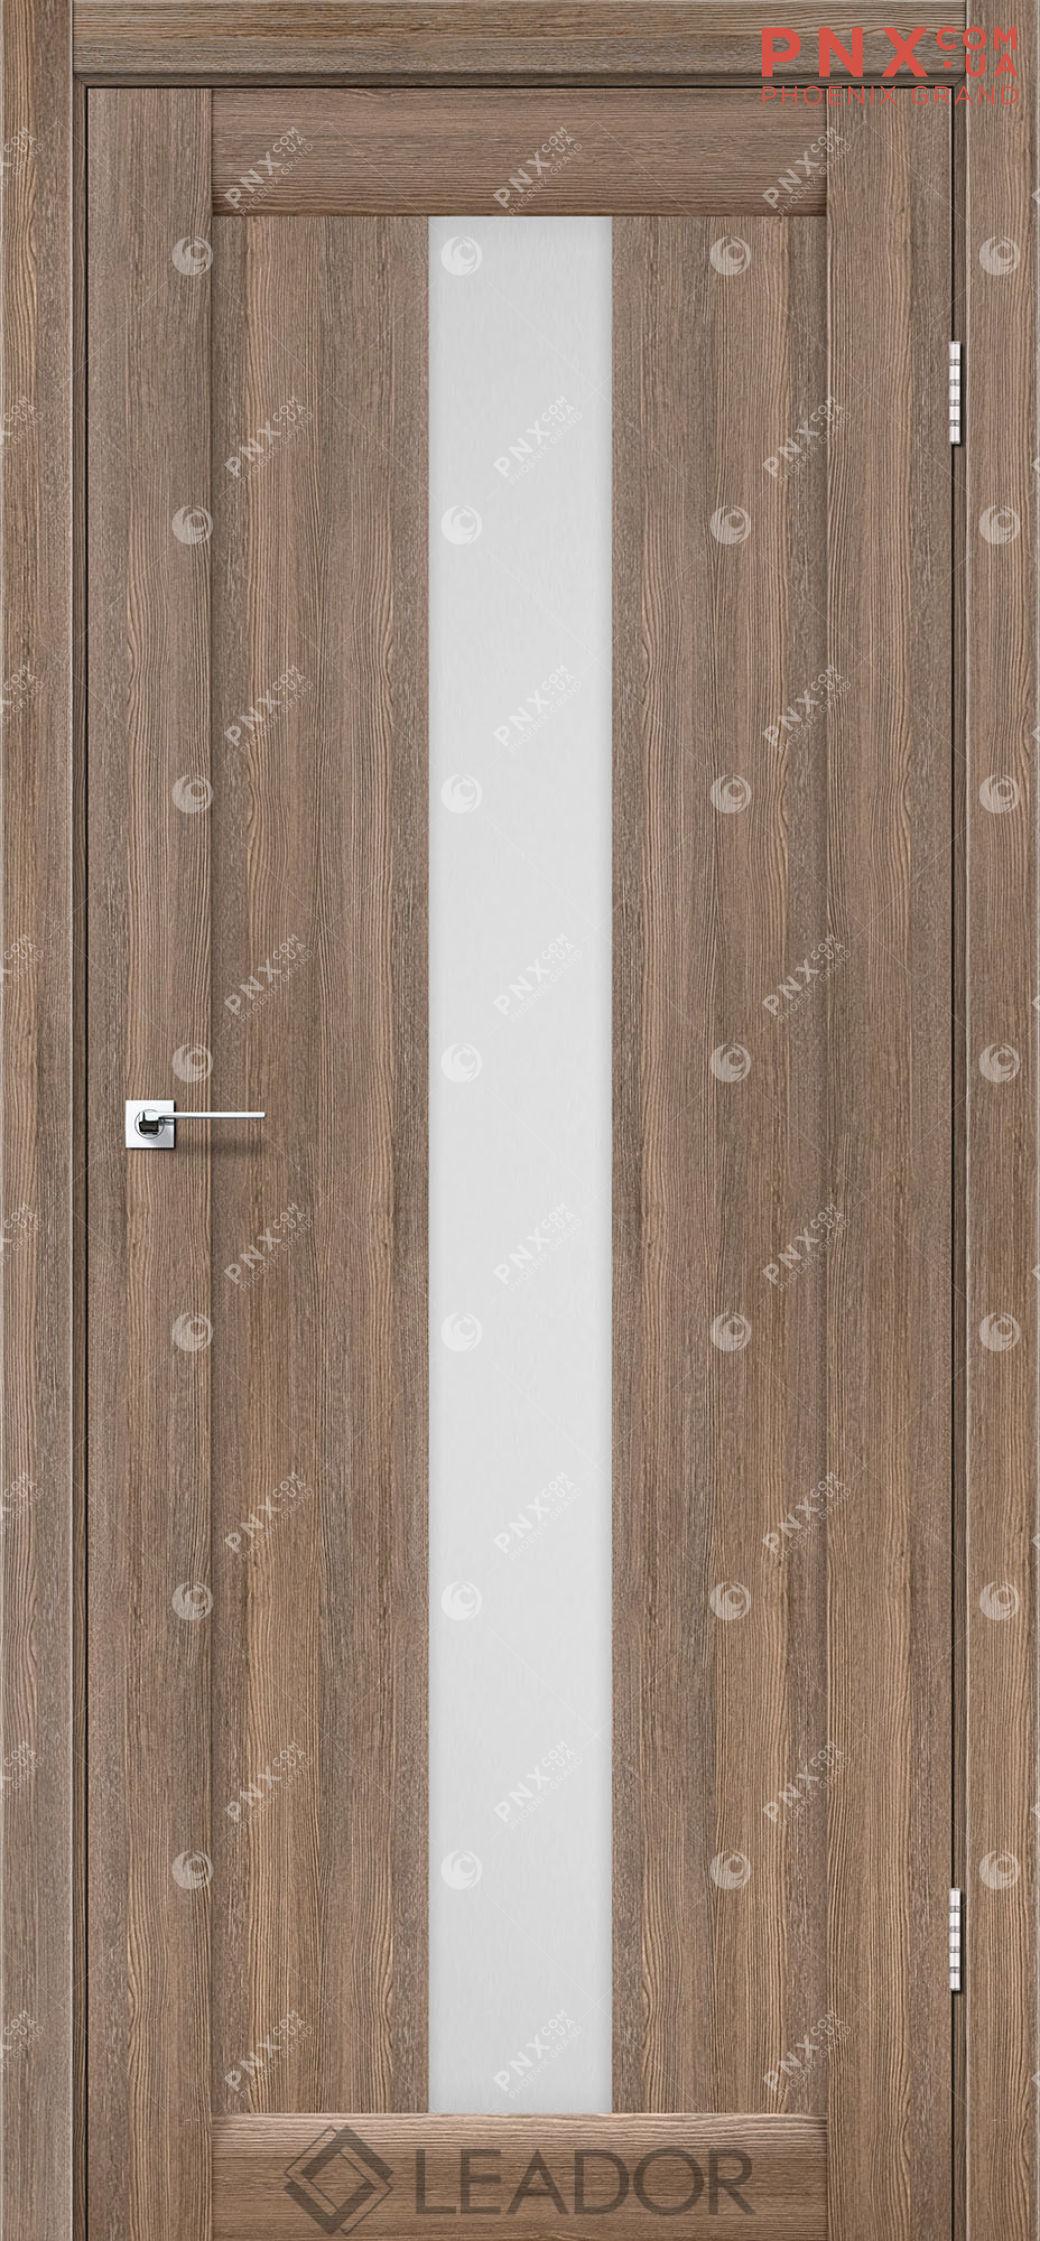 Межкомнатная дверь LEADOR Bari, Серое дерево, Белое стекло сатин